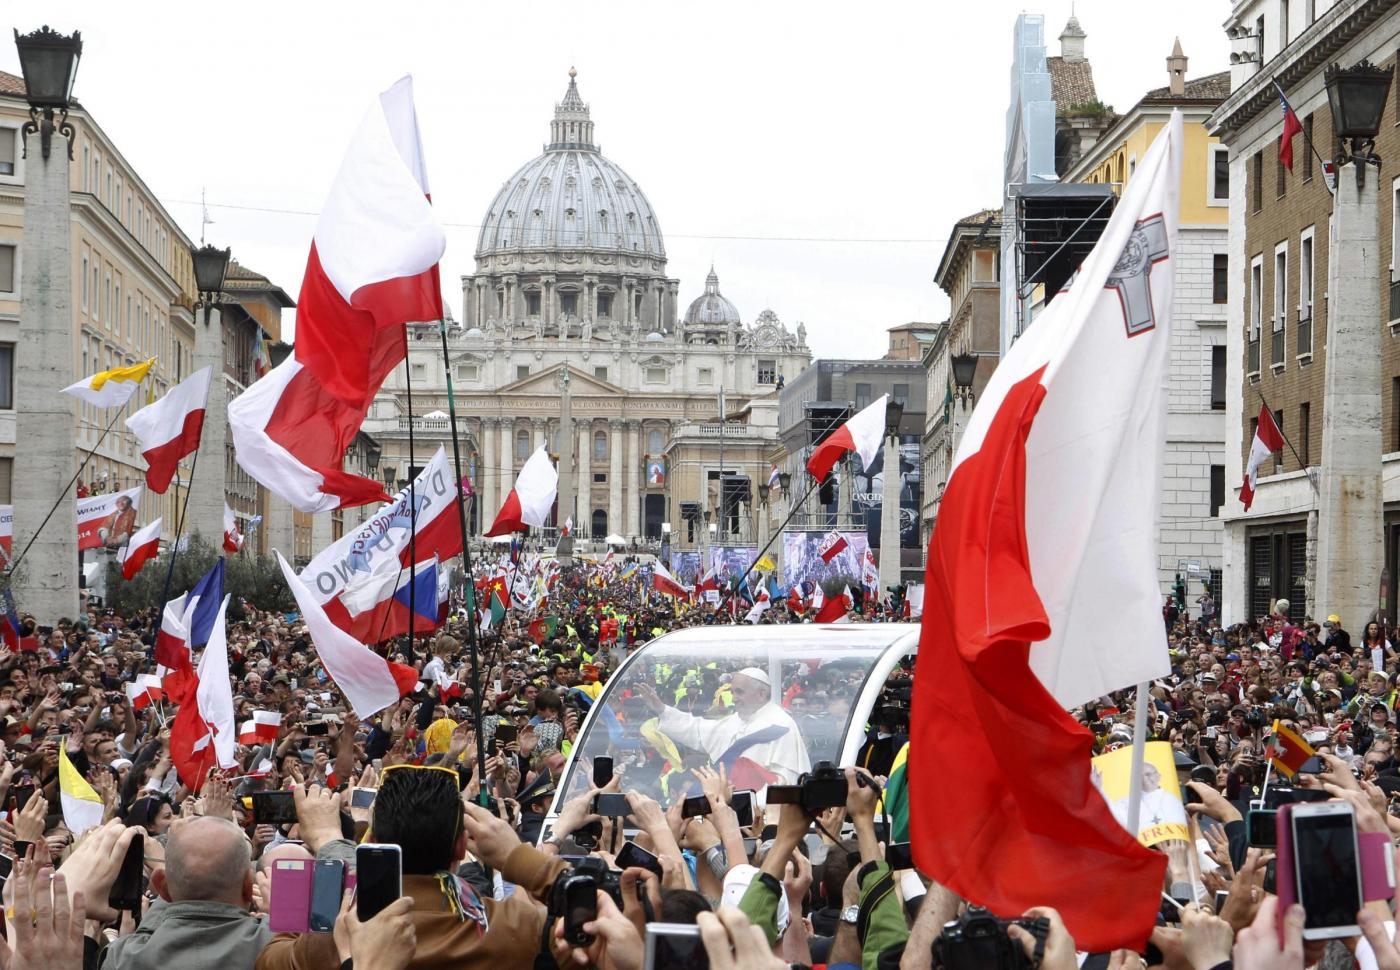 Canonizzazione Papi: Giovanni Paolo II e Giovanni XXIII santi, la cerimonia